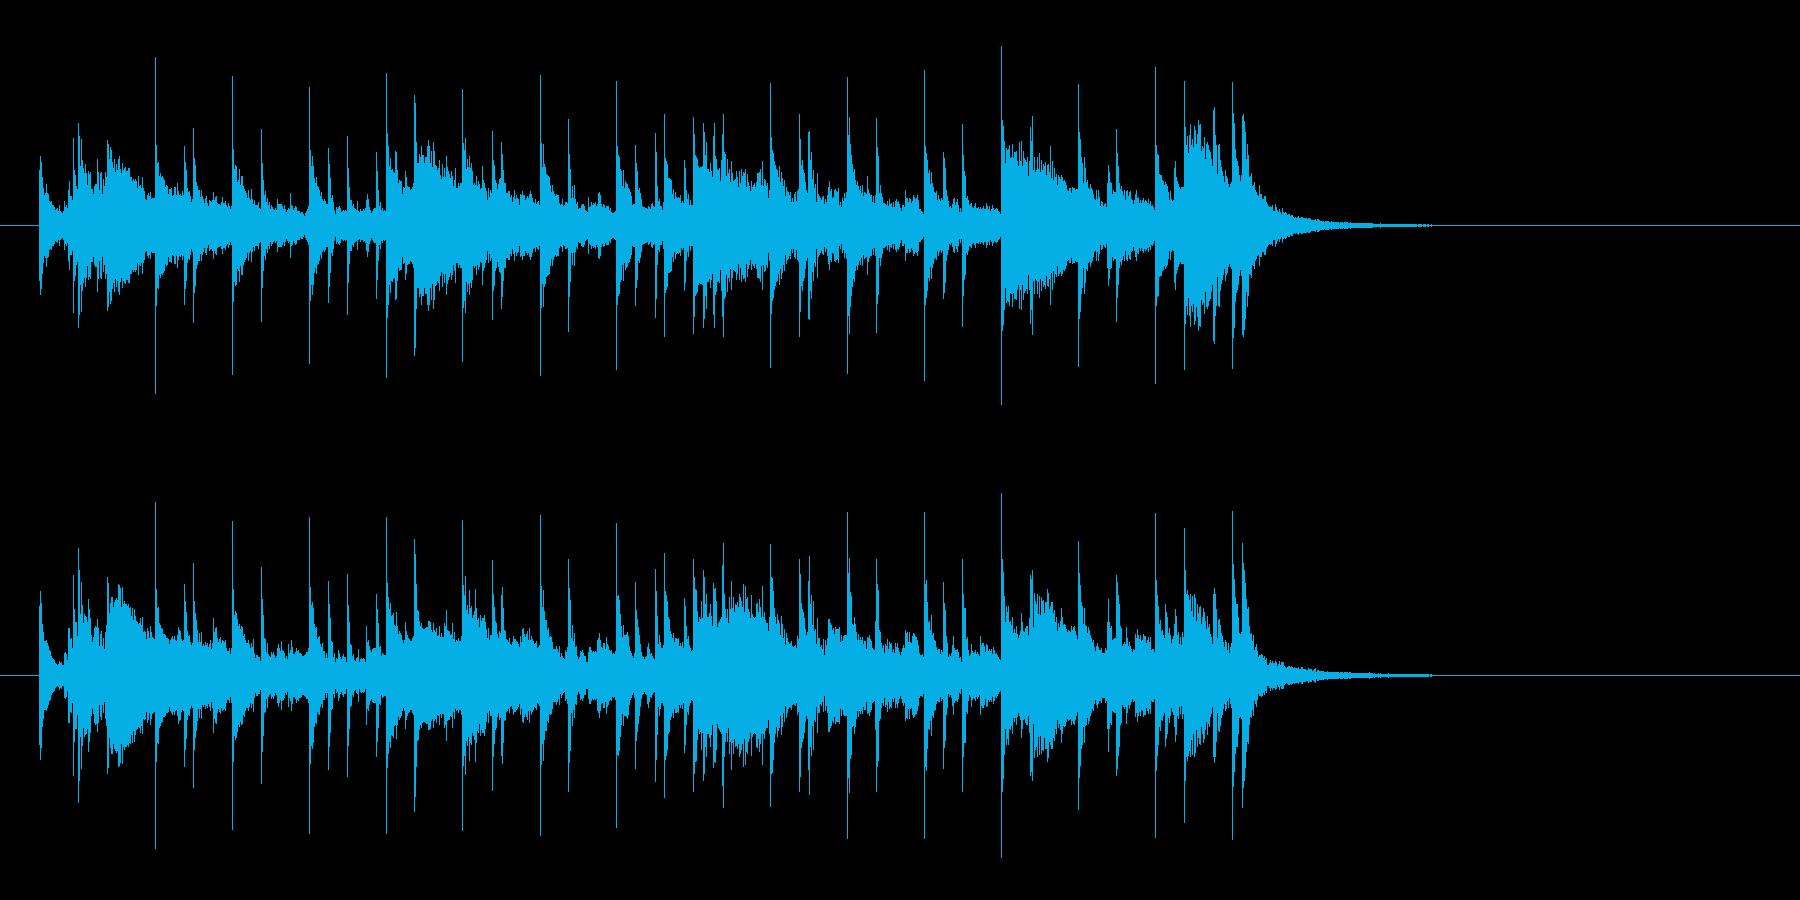 オープニング向きの透明感のあるサウンドの再生済みの波形